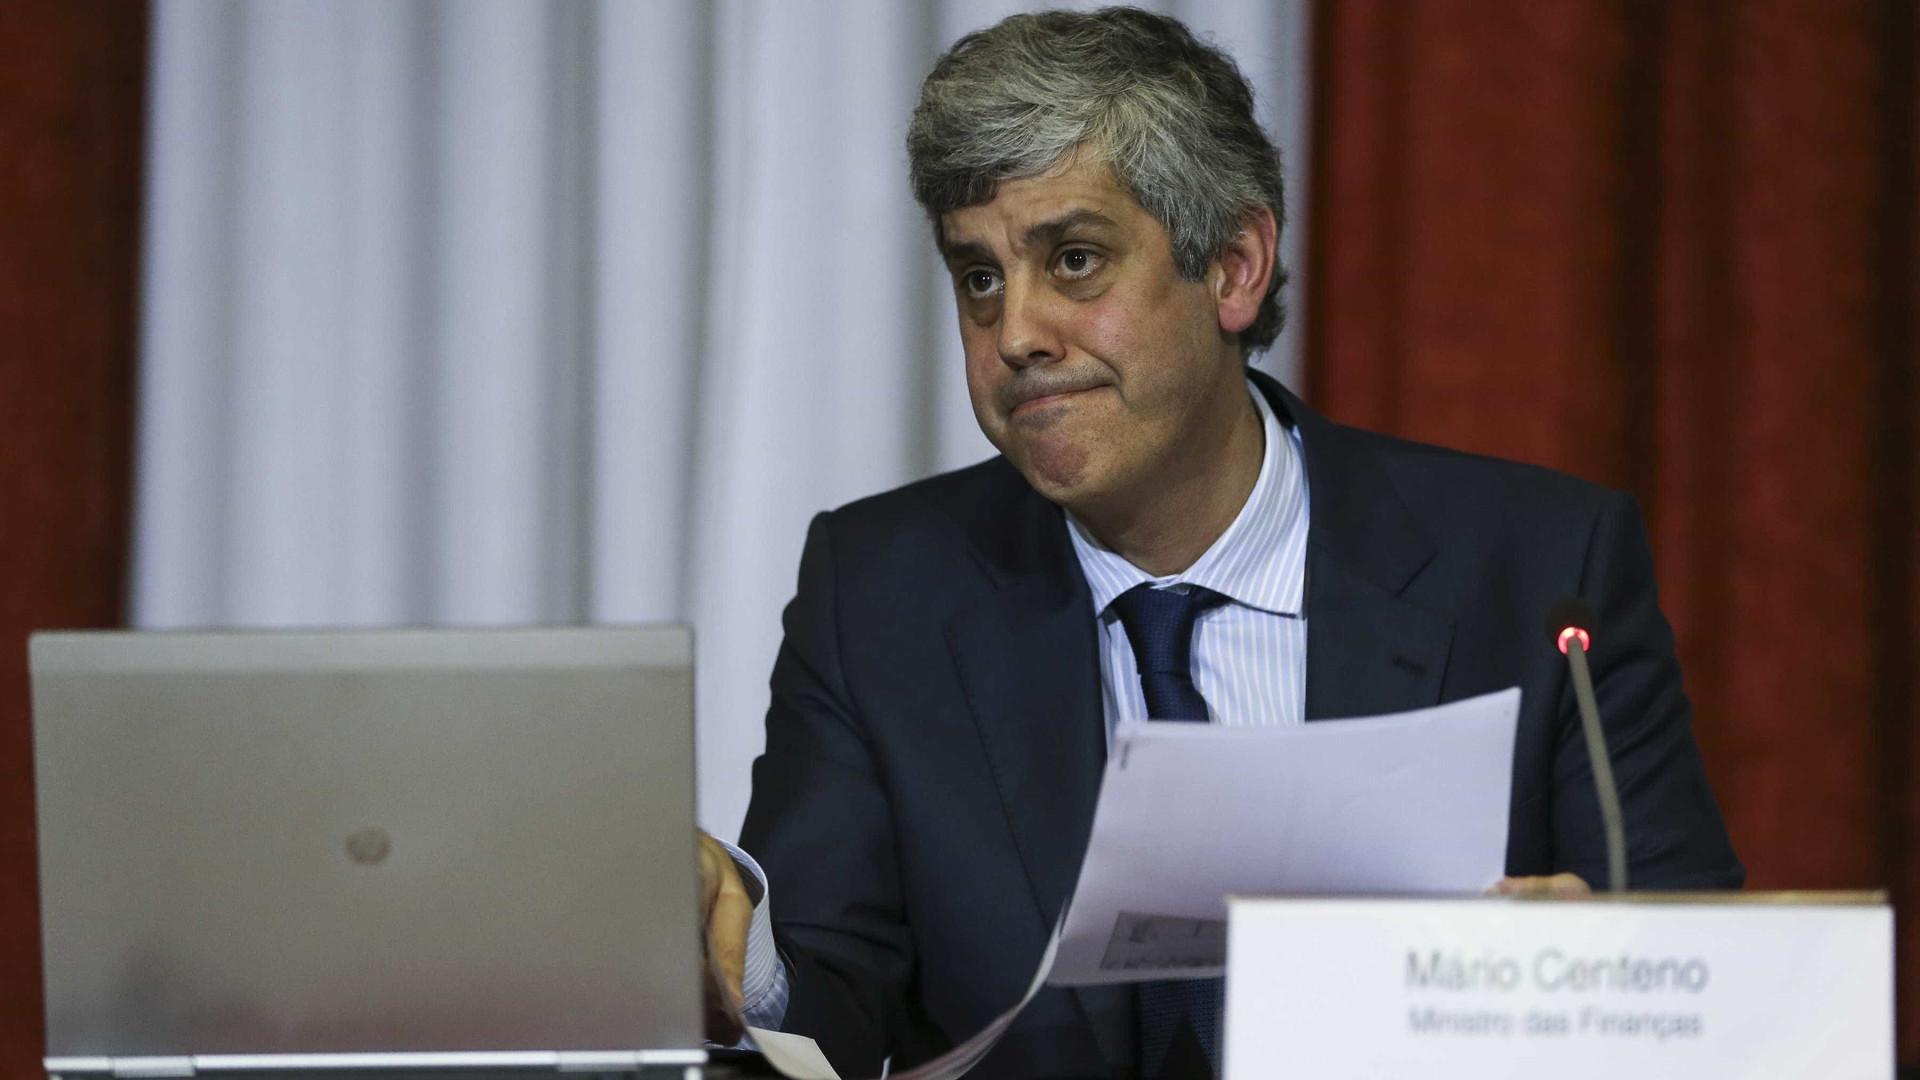 Finanças dizem a politécnicos que não vão receber reforço orçamental